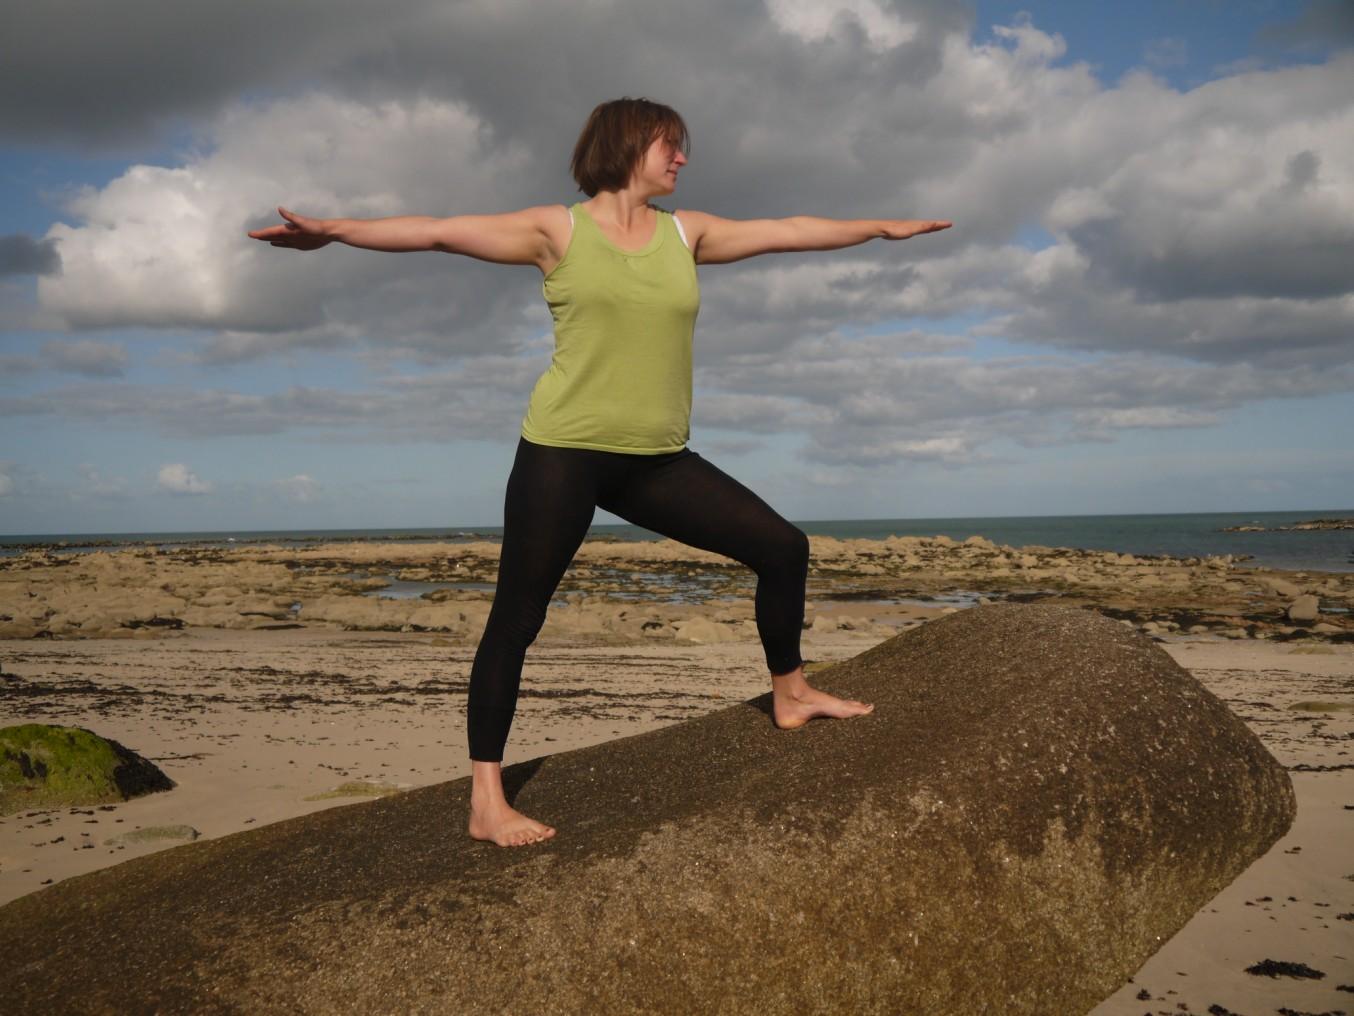 Derrière la pratique physique du yoga, il y a ce chemin vers soi. Derrière le visible du yoga, il y a l'essentiel